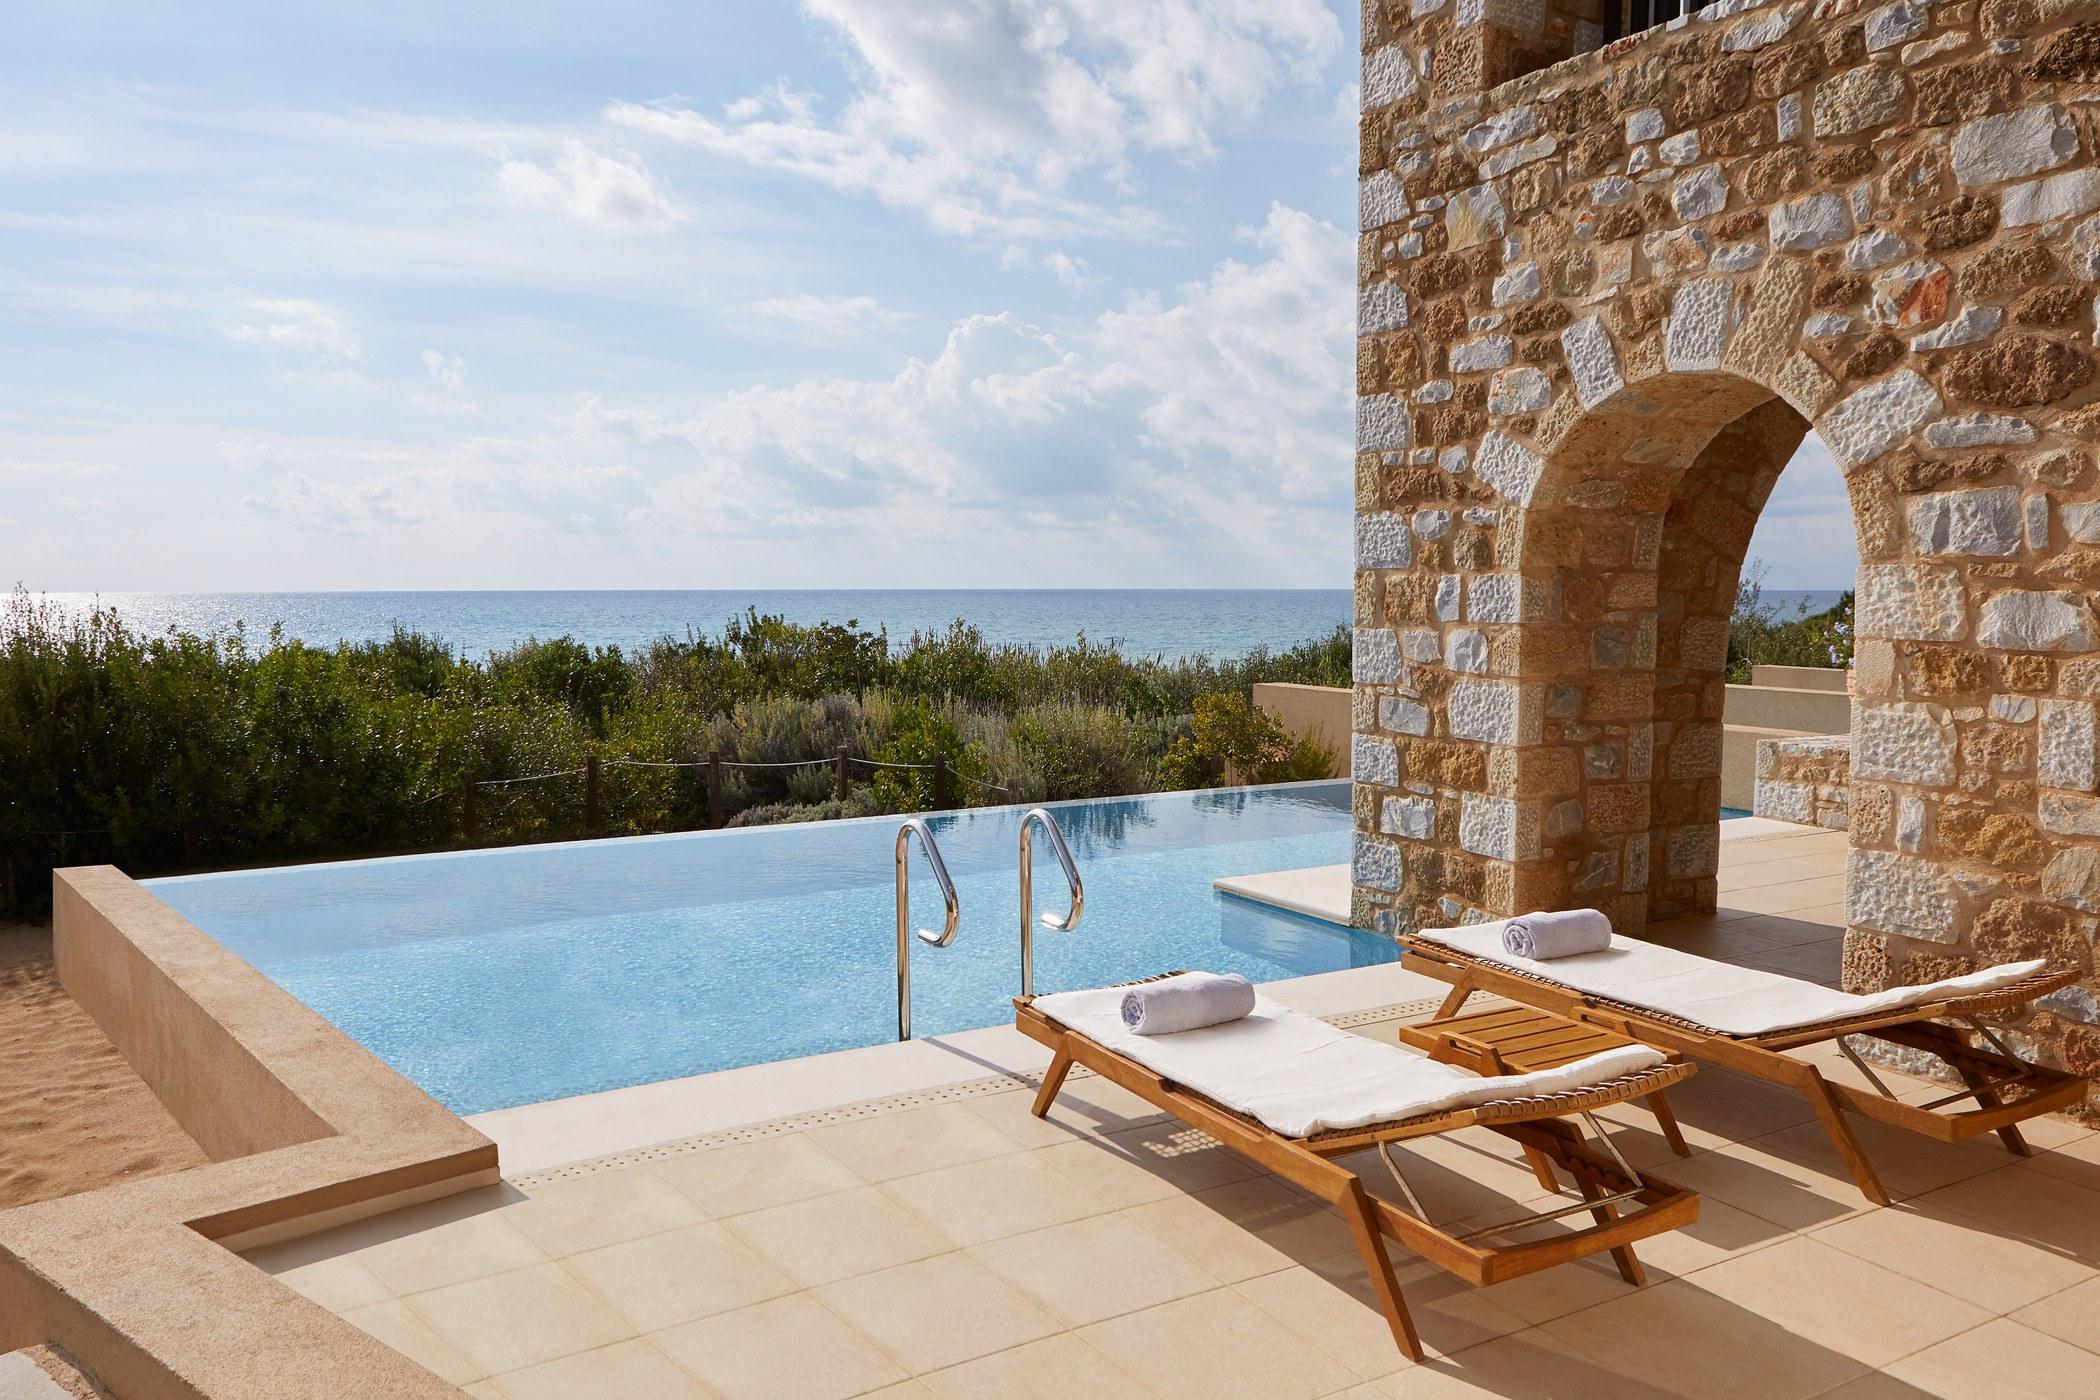 premium-infinity-suite-pool-the-westin-resort-costa-navarino